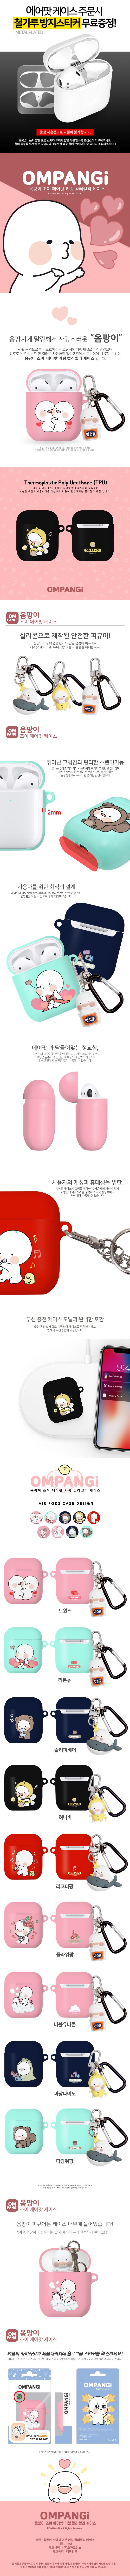 옴팡이 조이 젤리 에어팟 케이스 + 키링(b) - 원스, 18,900원, 이어폰, 이어폰 악세서리